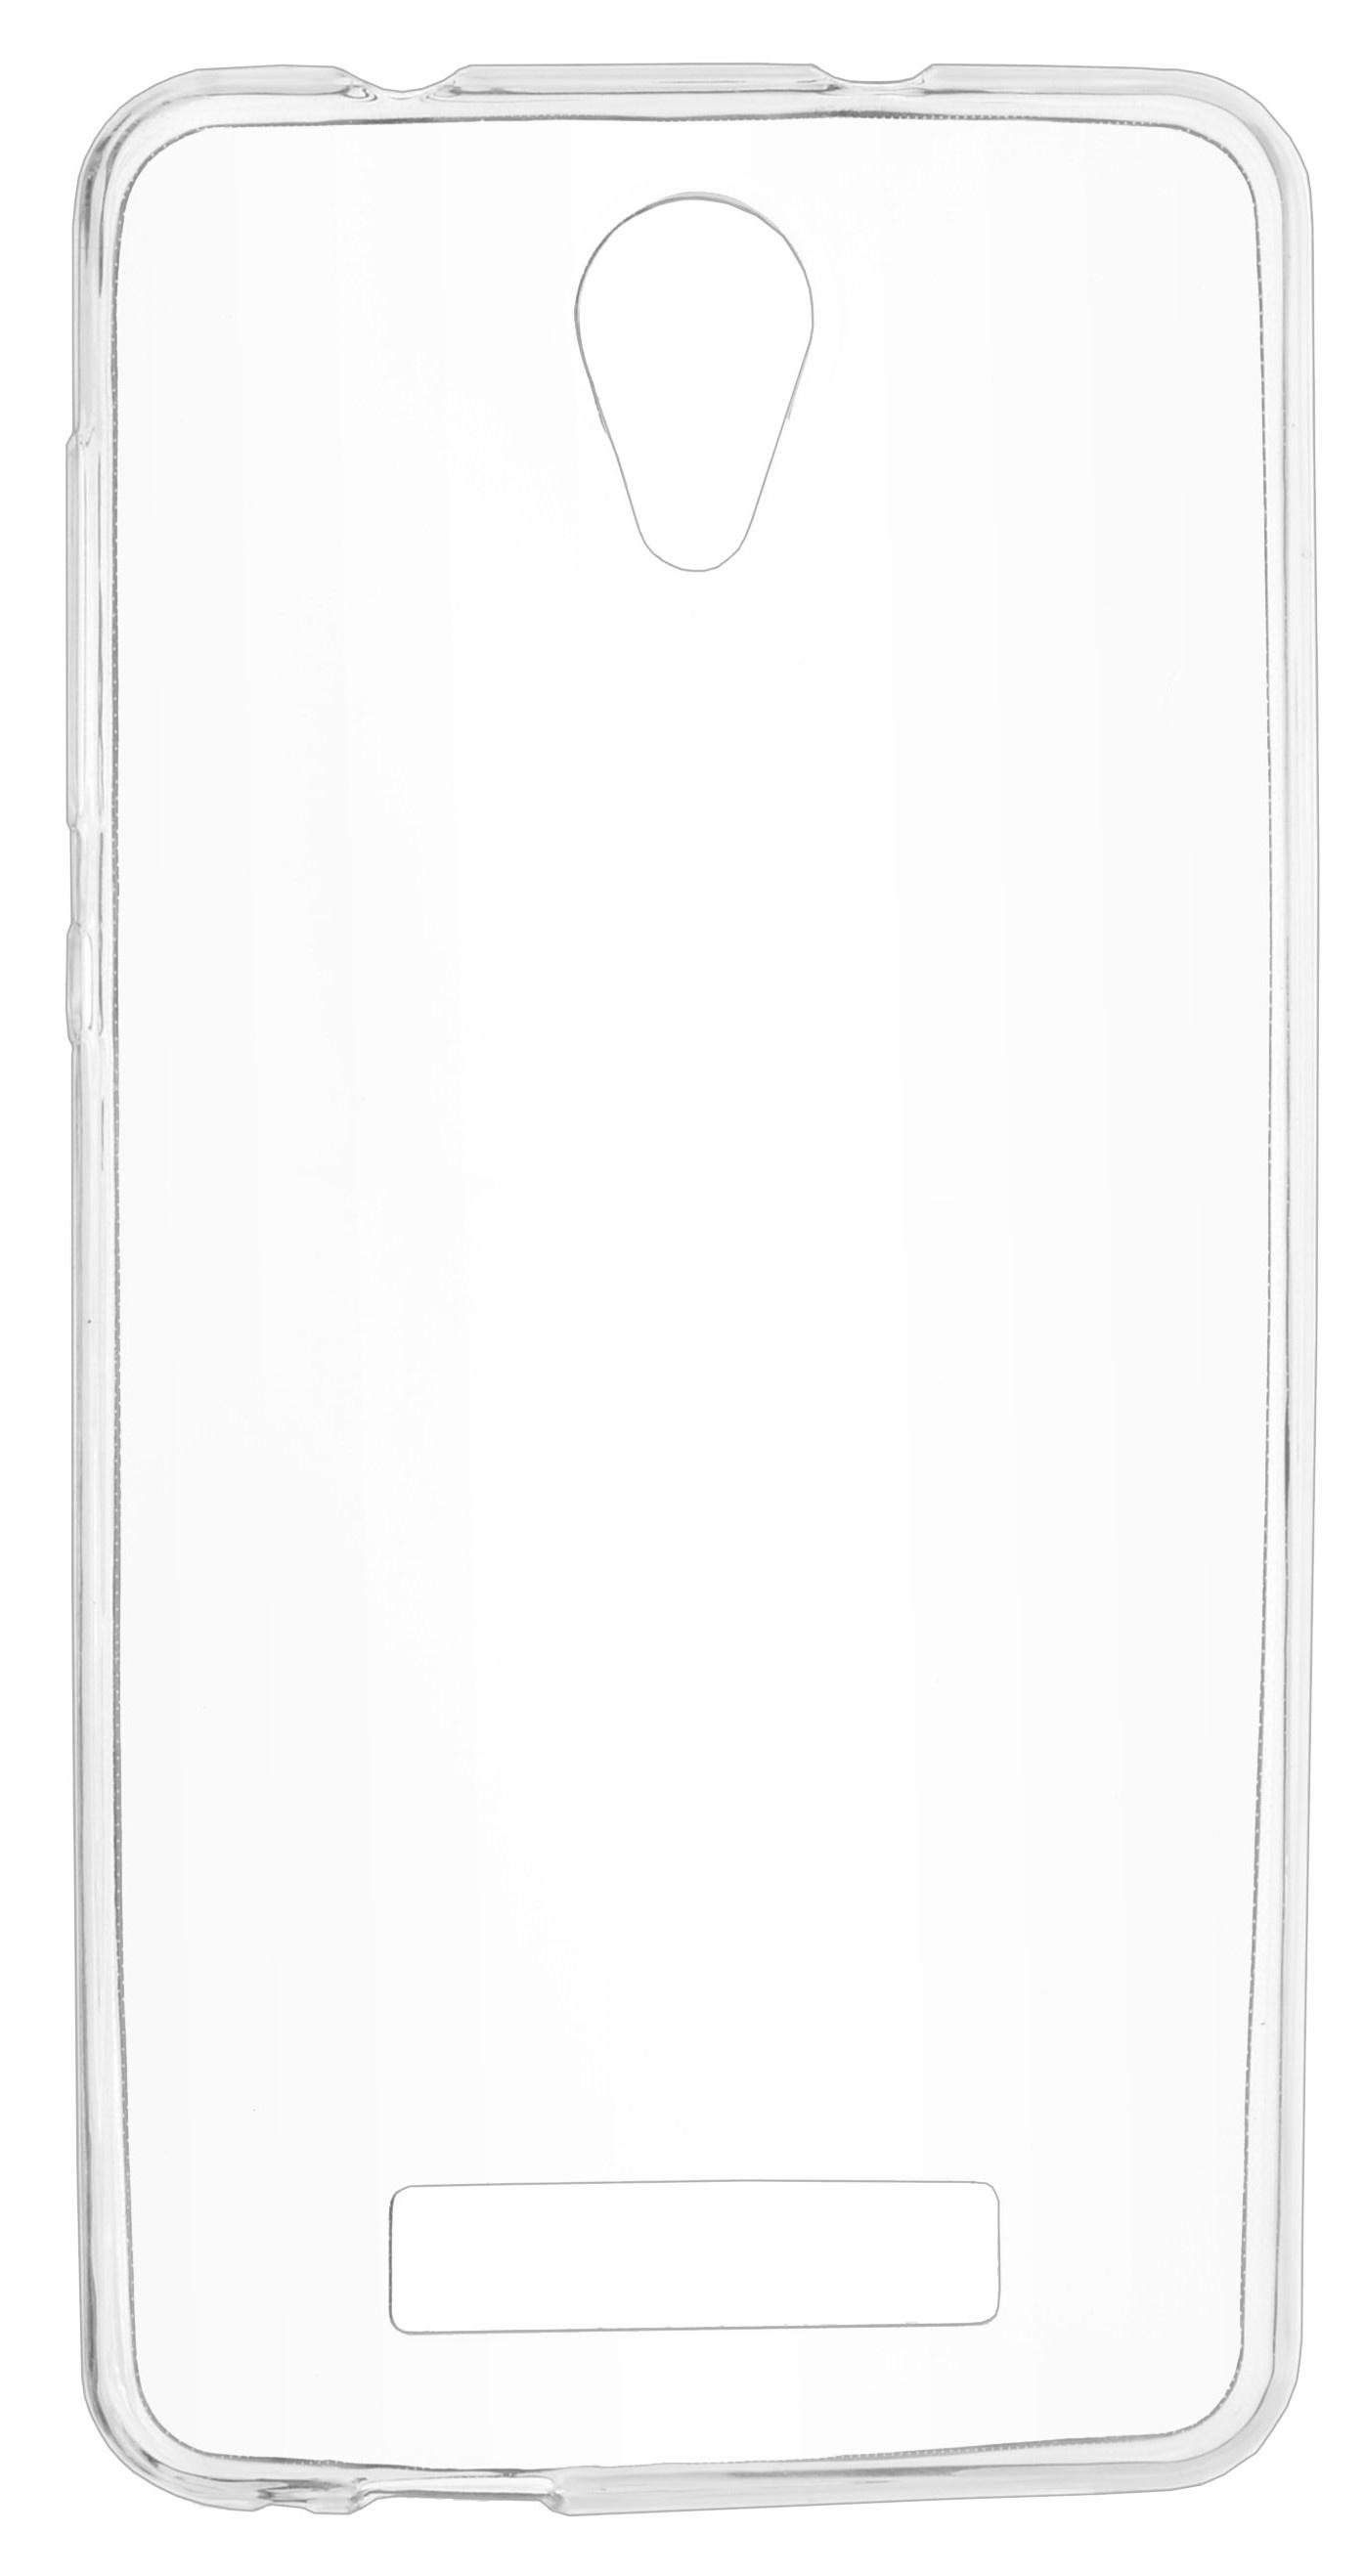 Чехол для сотового телефона skinBOX Slim Silicone, 4660041409512, прозрачный